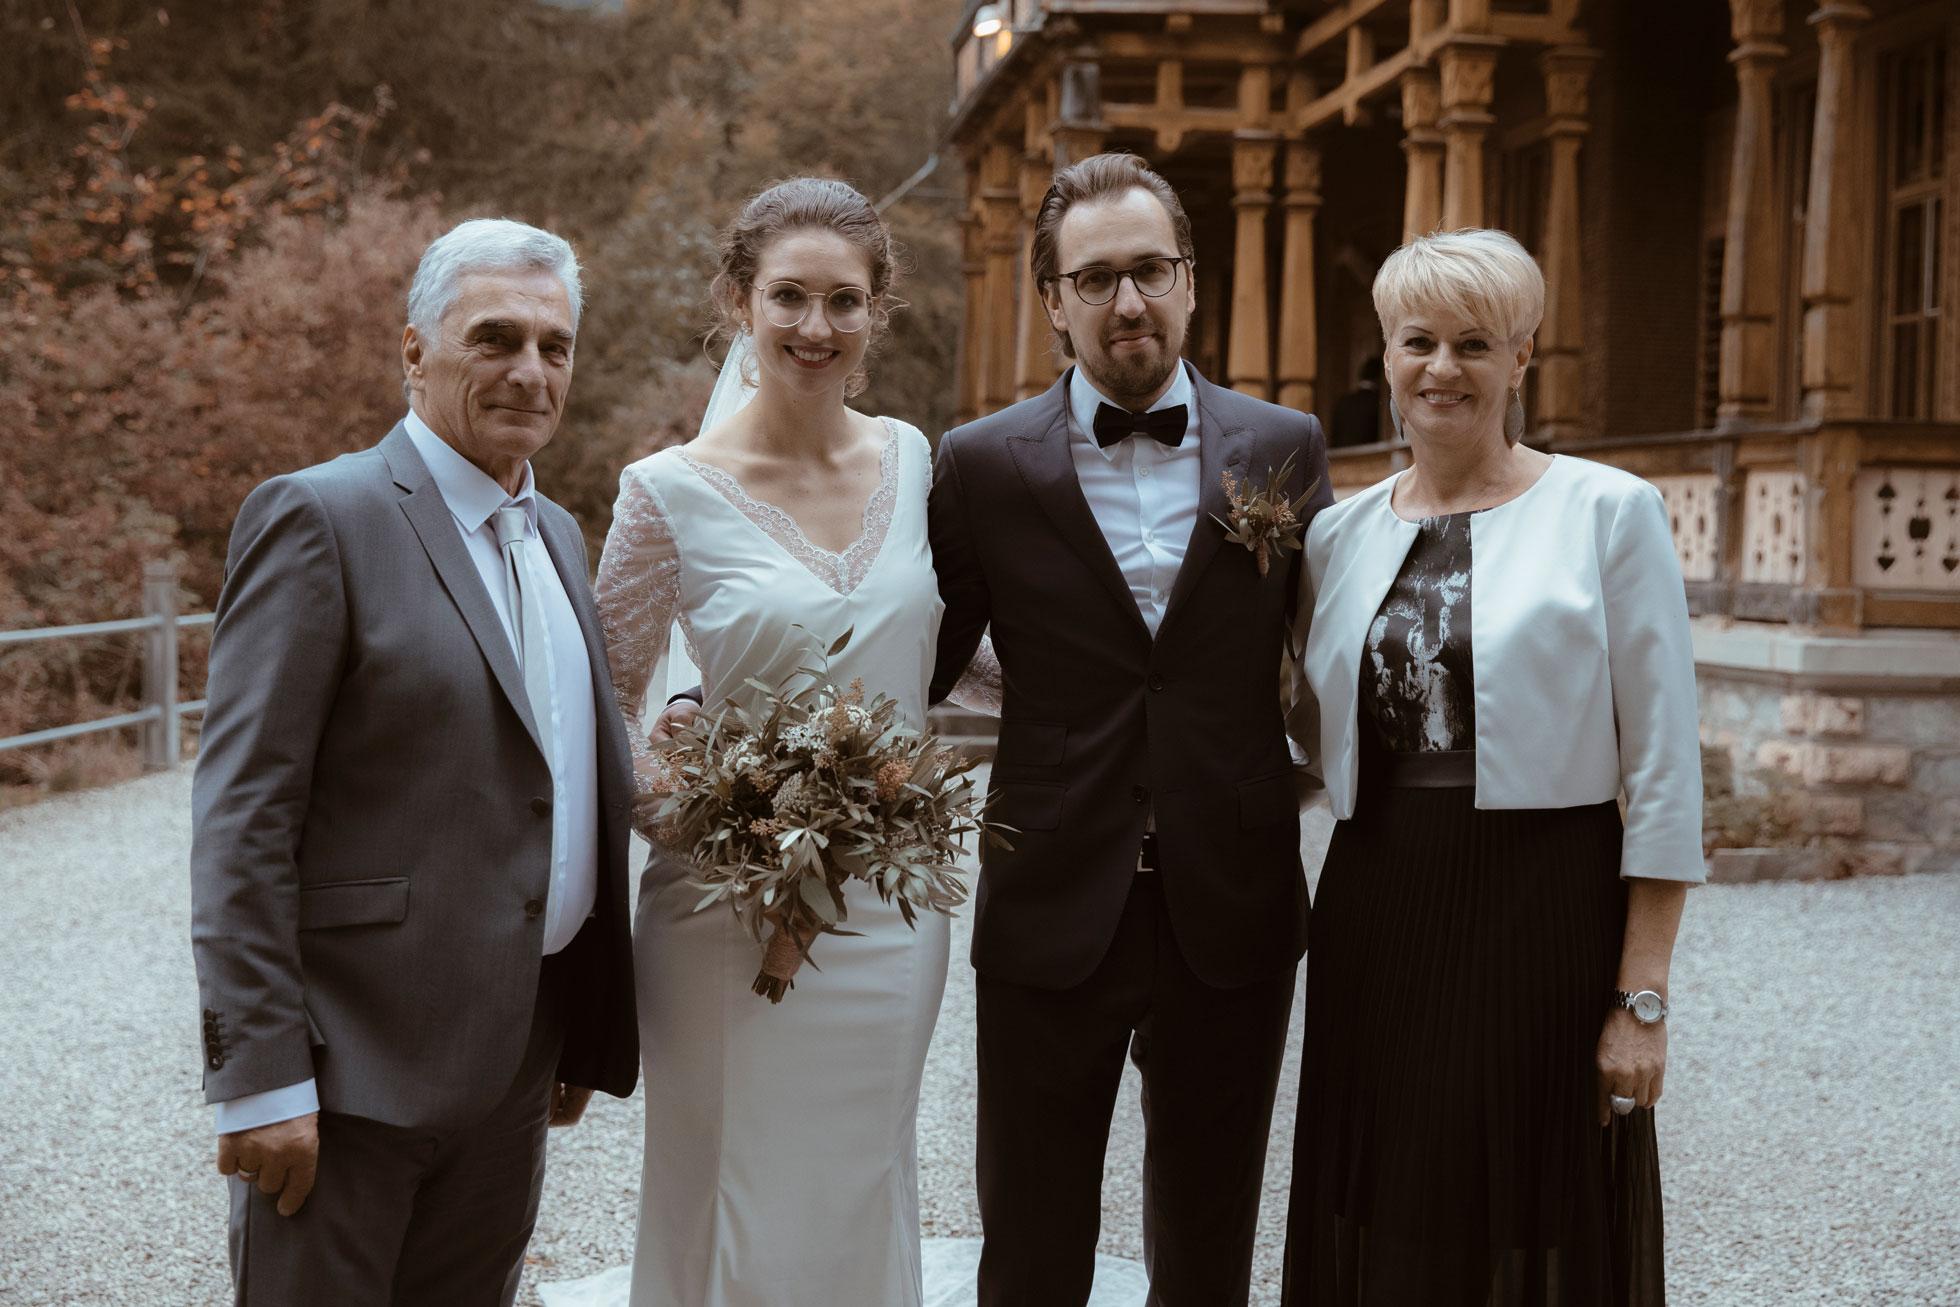 e20180922_claire_manuel_wedding_0728.jpg